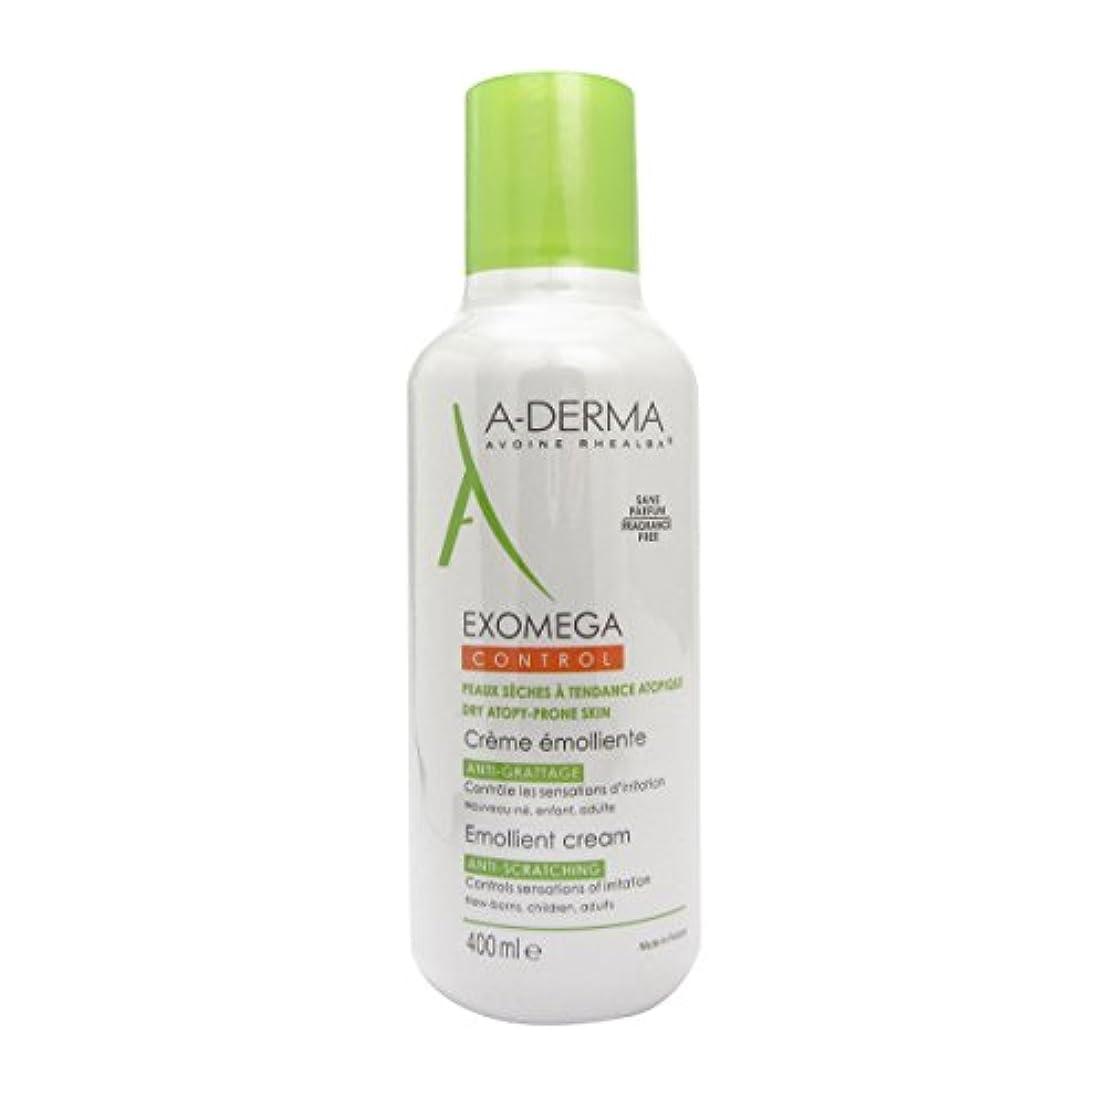 通り抜ける実証するメンダシティA-derma Exomega Control Emollient Cream 400ml [並行輸入品]